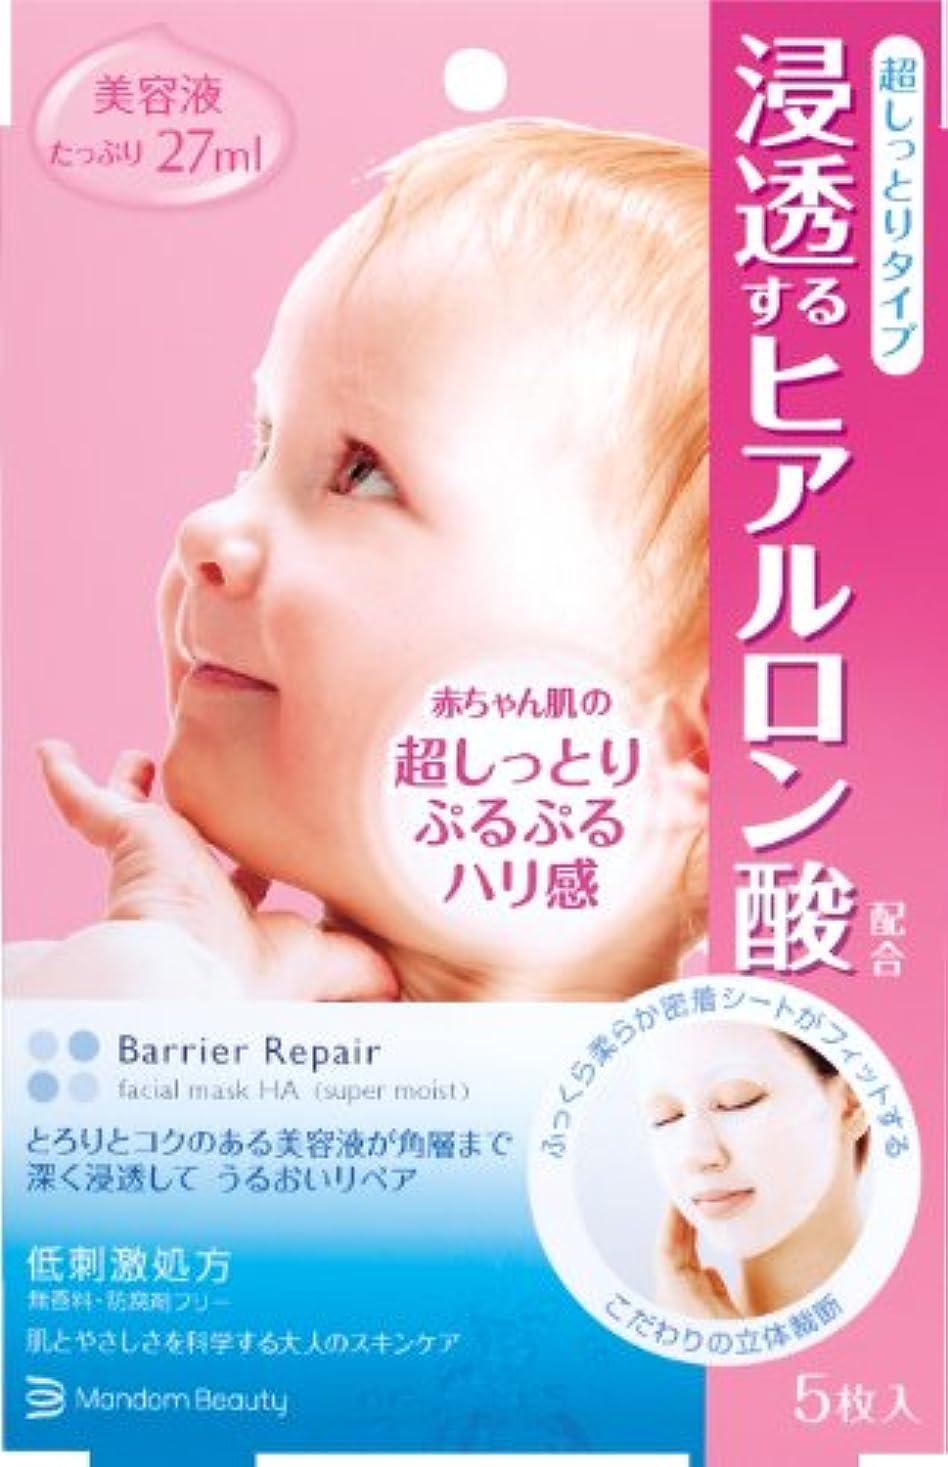 リル出版ヶ月目Barrier Repair (バリアリペア) シートマスク (ヒアルロン酸 超しっとり) 5枚